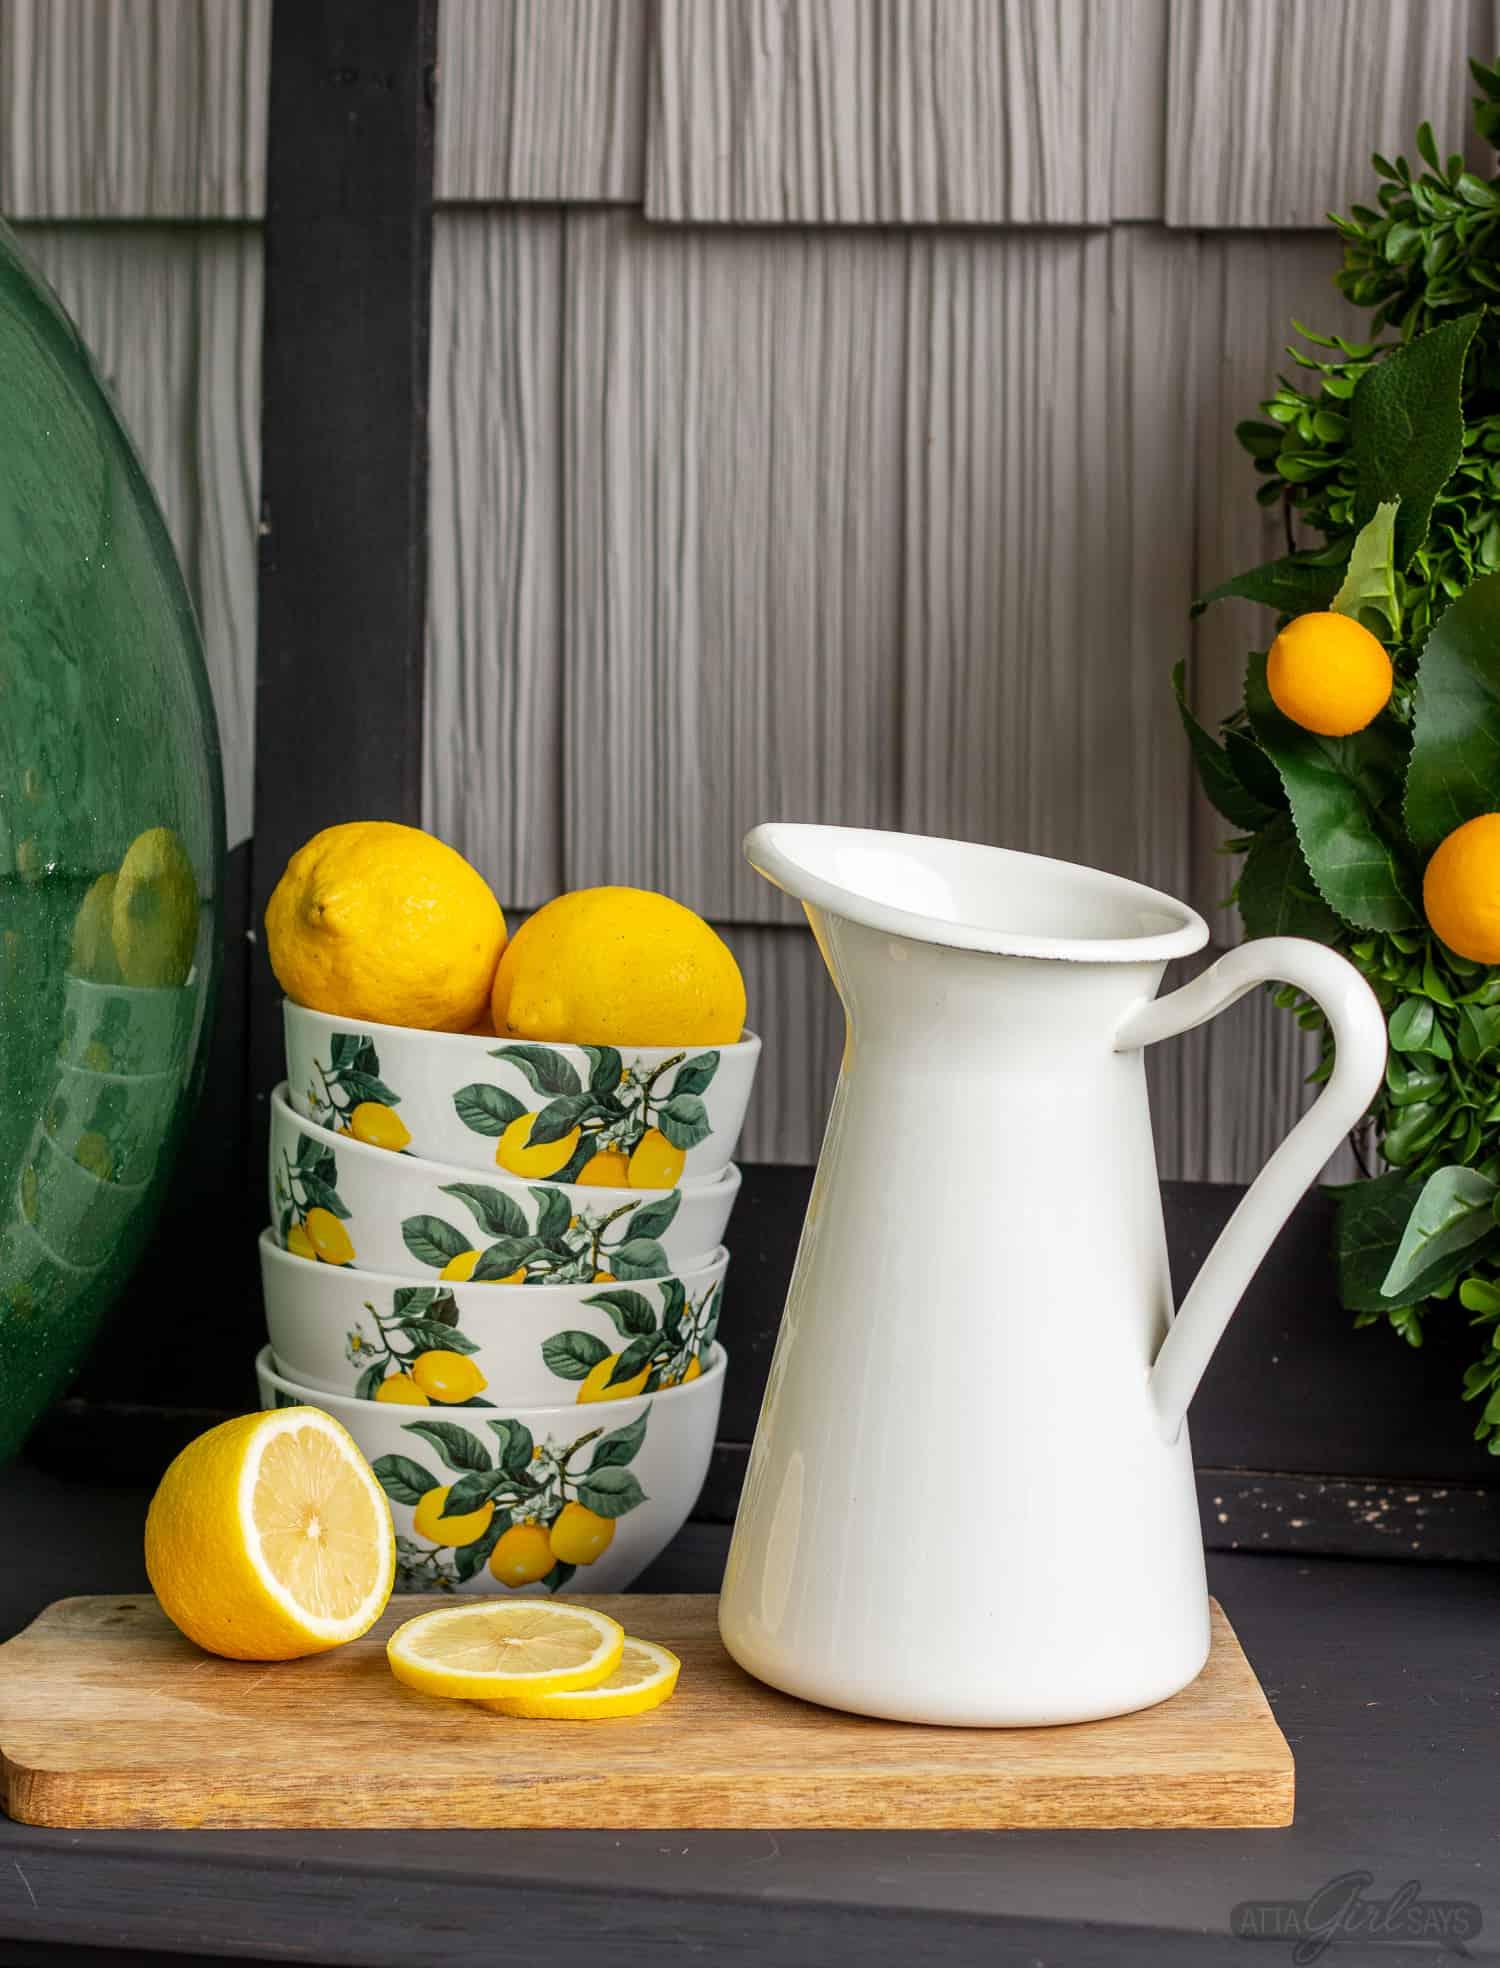 lemon bowls beside a white farmhouse pitcher as part of summer porch decor